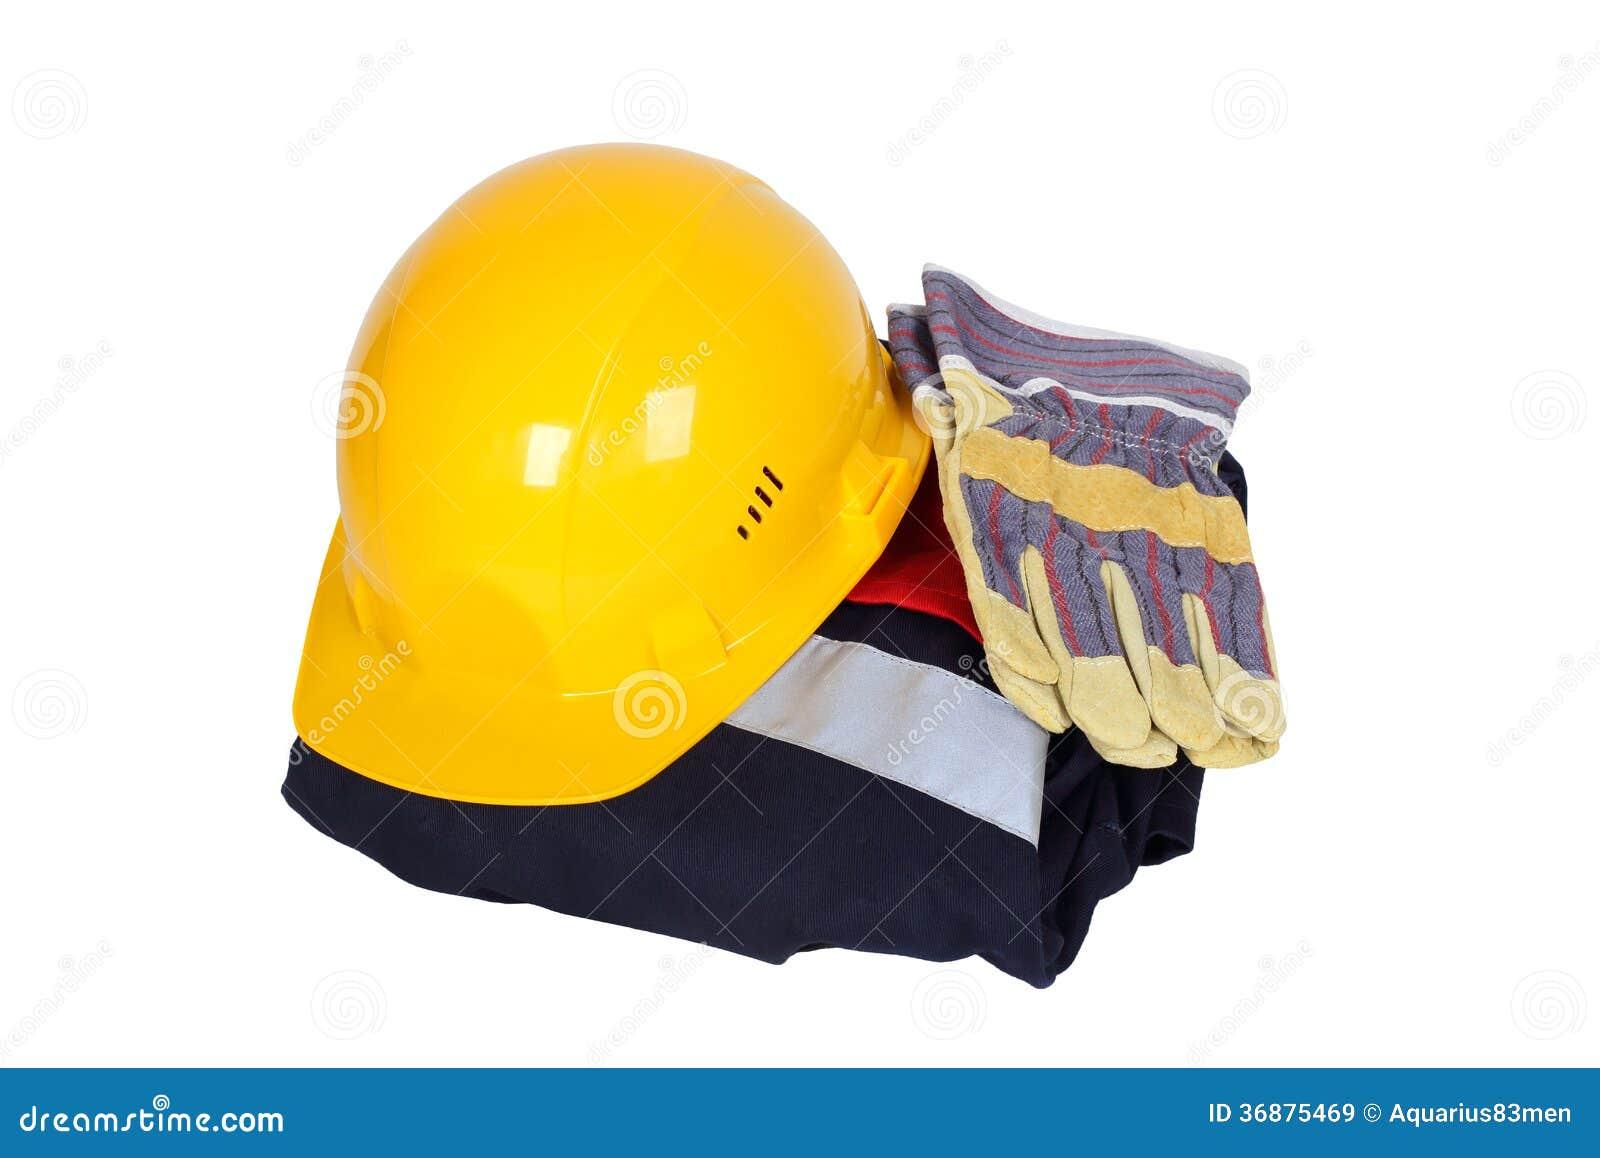 Download Vestiti professionali immagine stock. Immagine di apparecchiatura - 36875469